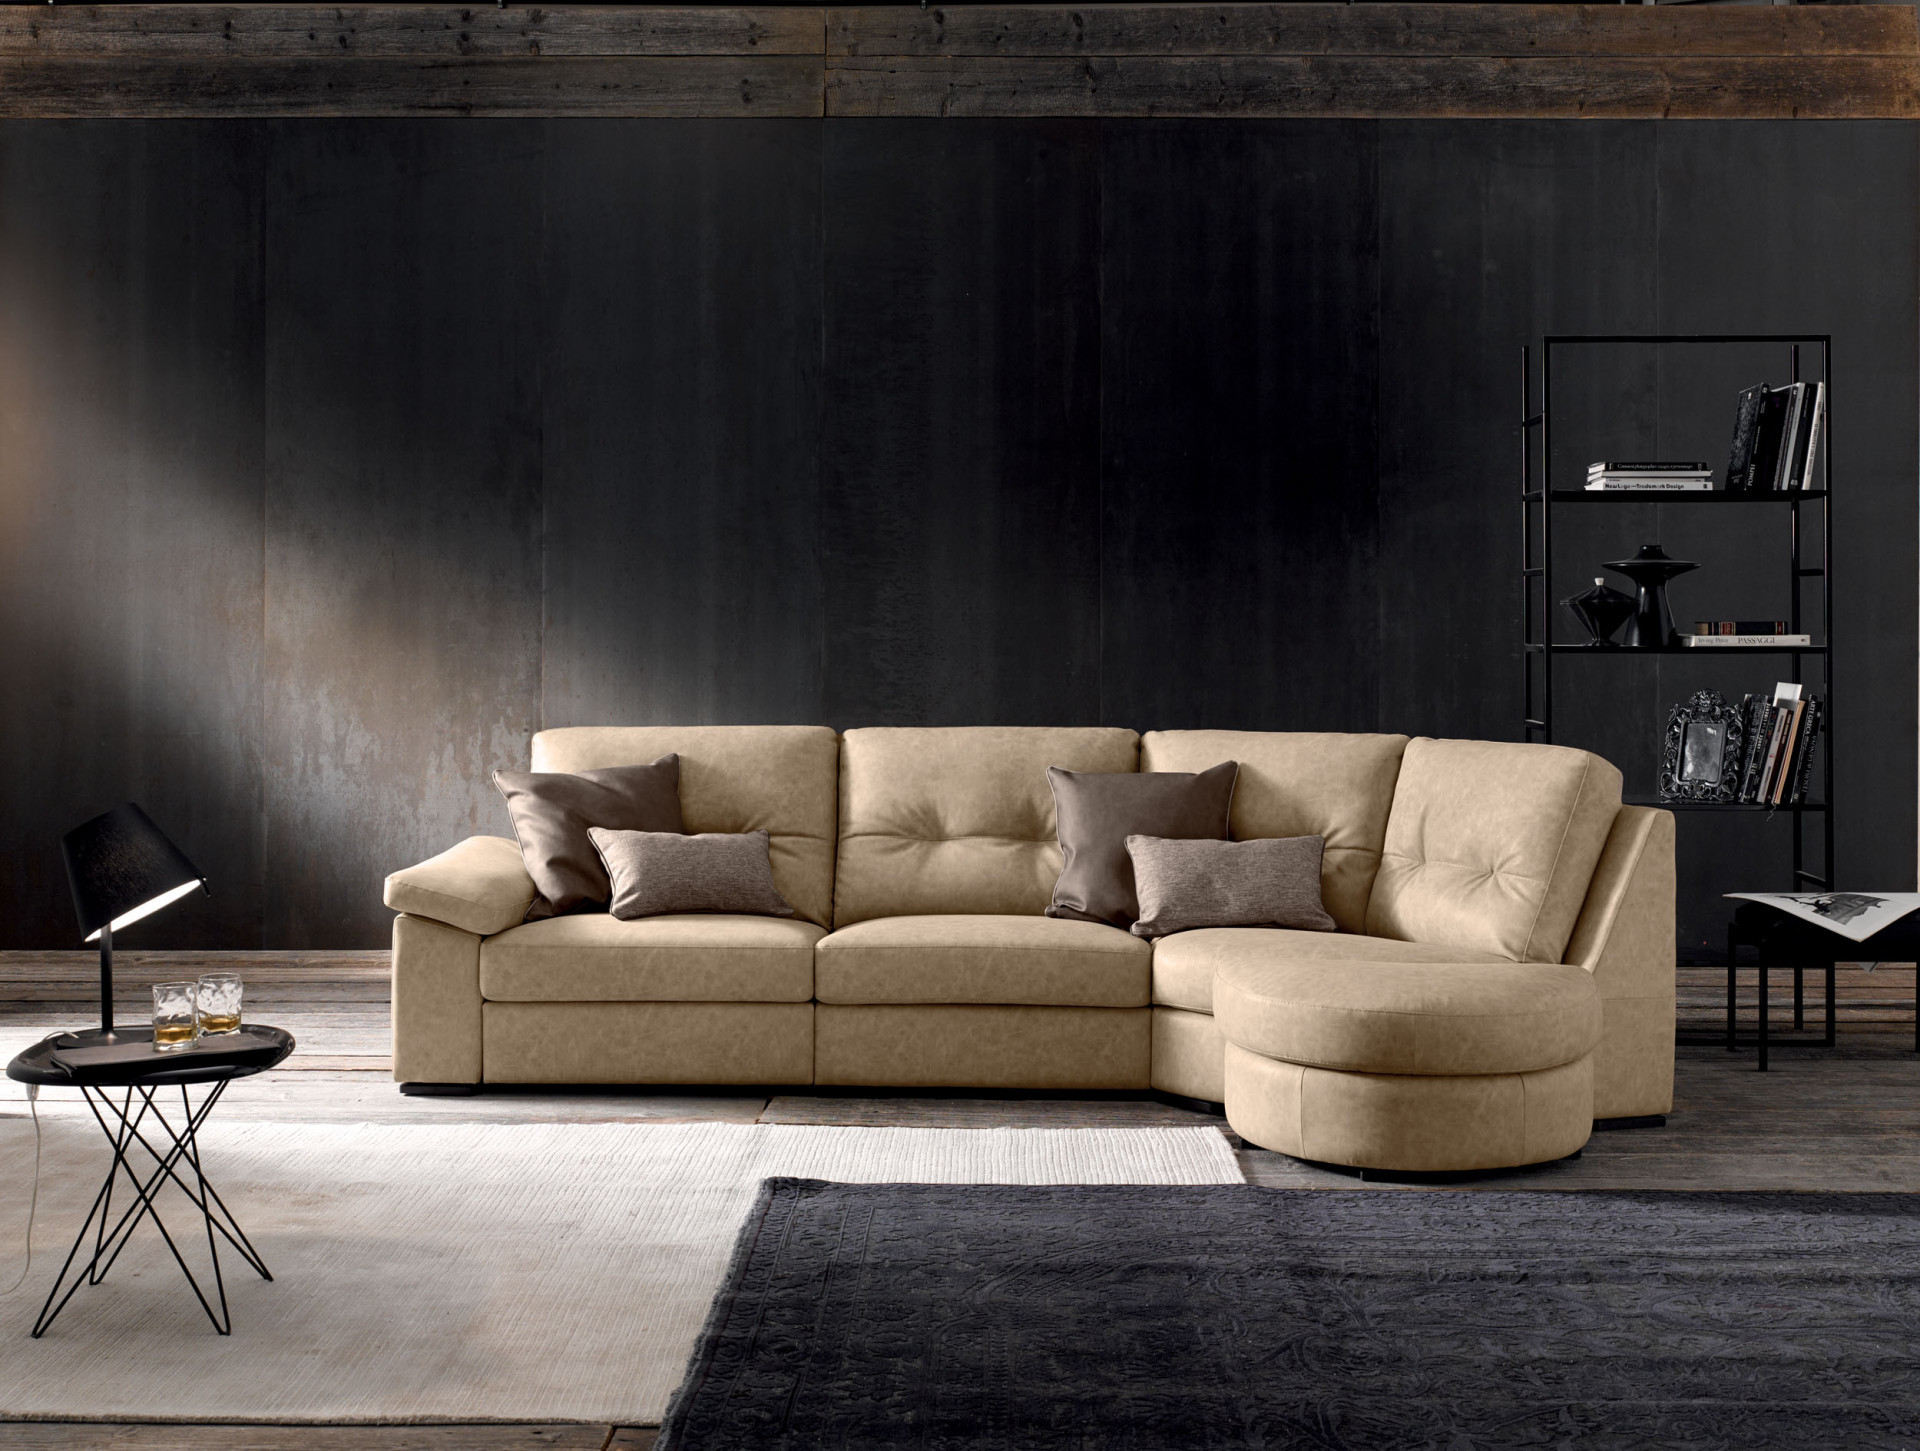 Trendy divani in pelle divani moderni e classici lecomfort for Divani in pelle classici